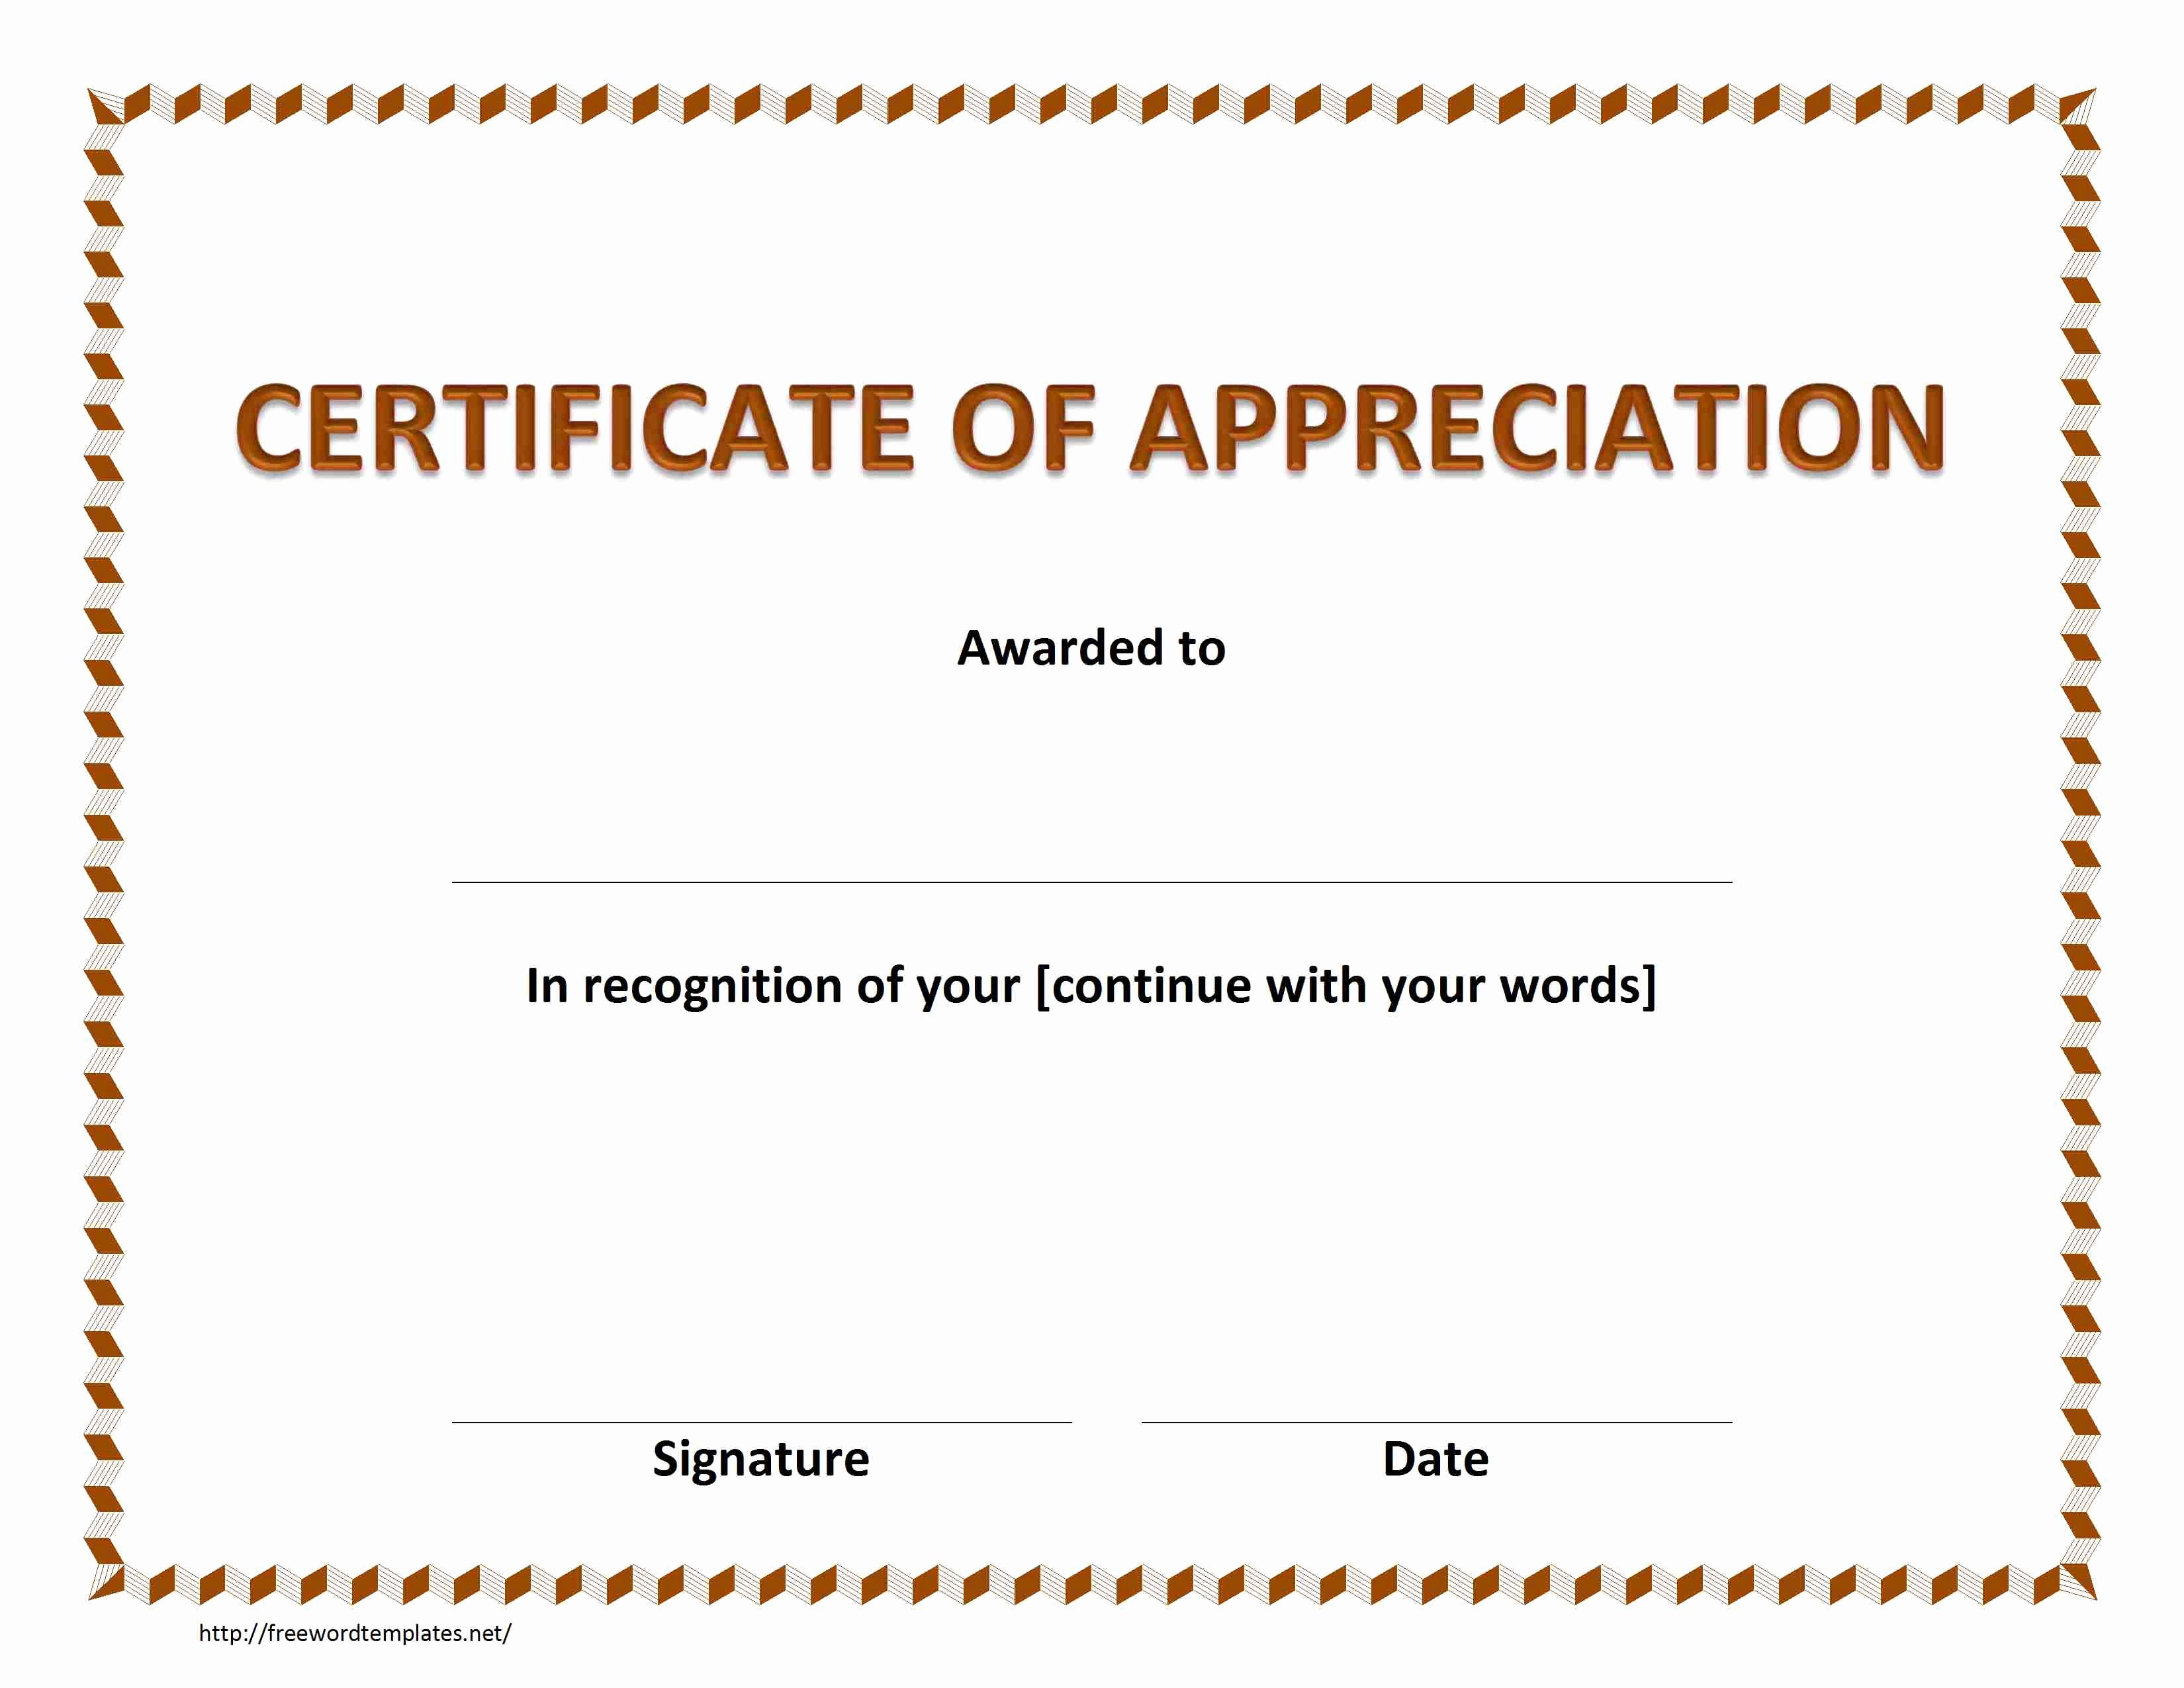 Certificate Of Appreciation Wording Best Of Certificate Of Appreciation